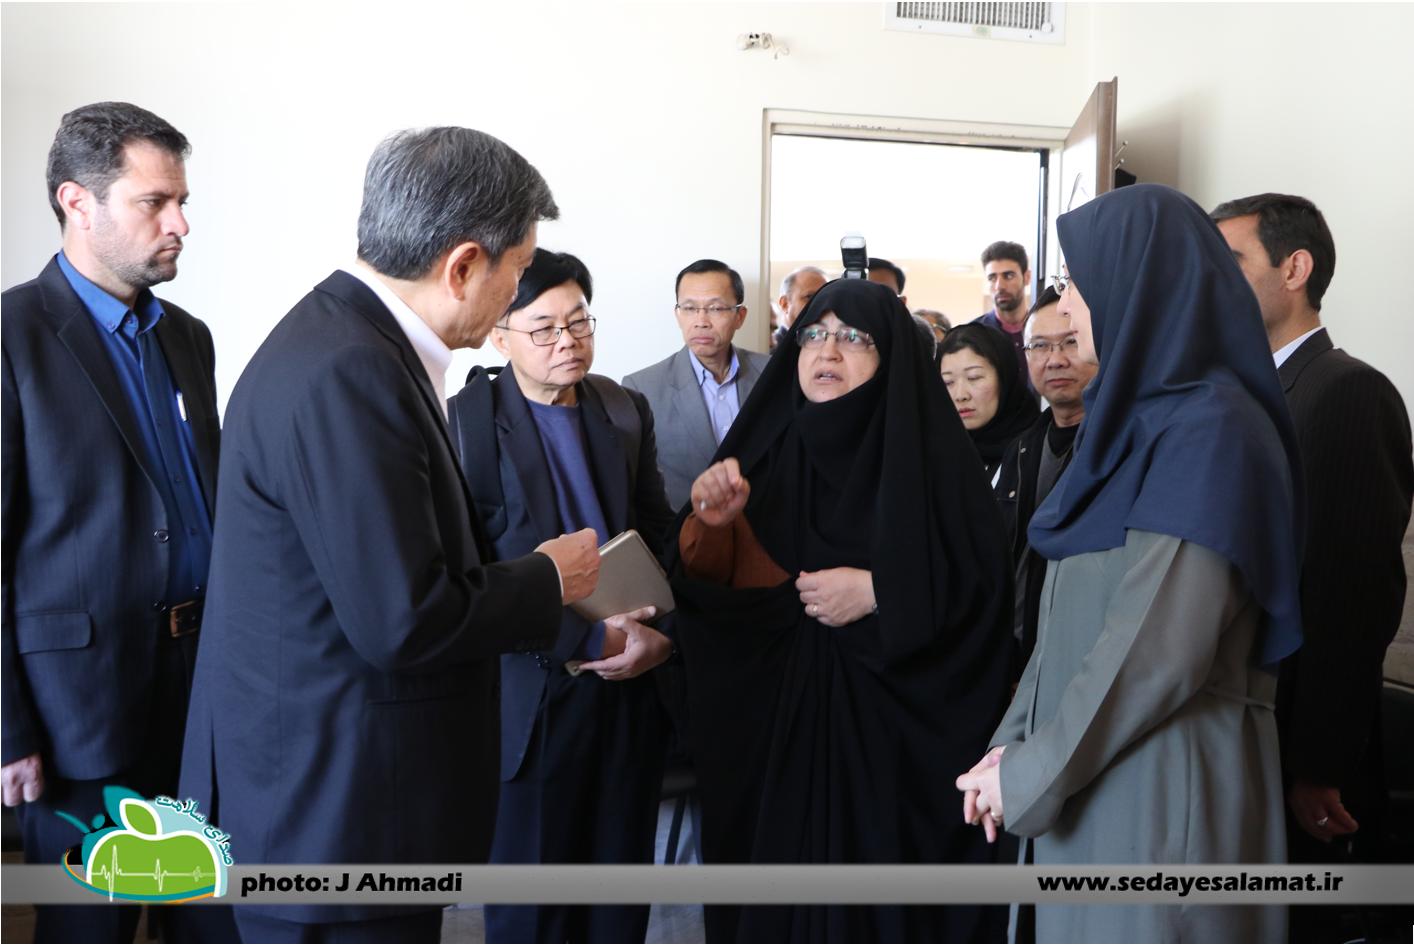 سفر وزیر بهداشت تایلند به اصفهان (29)